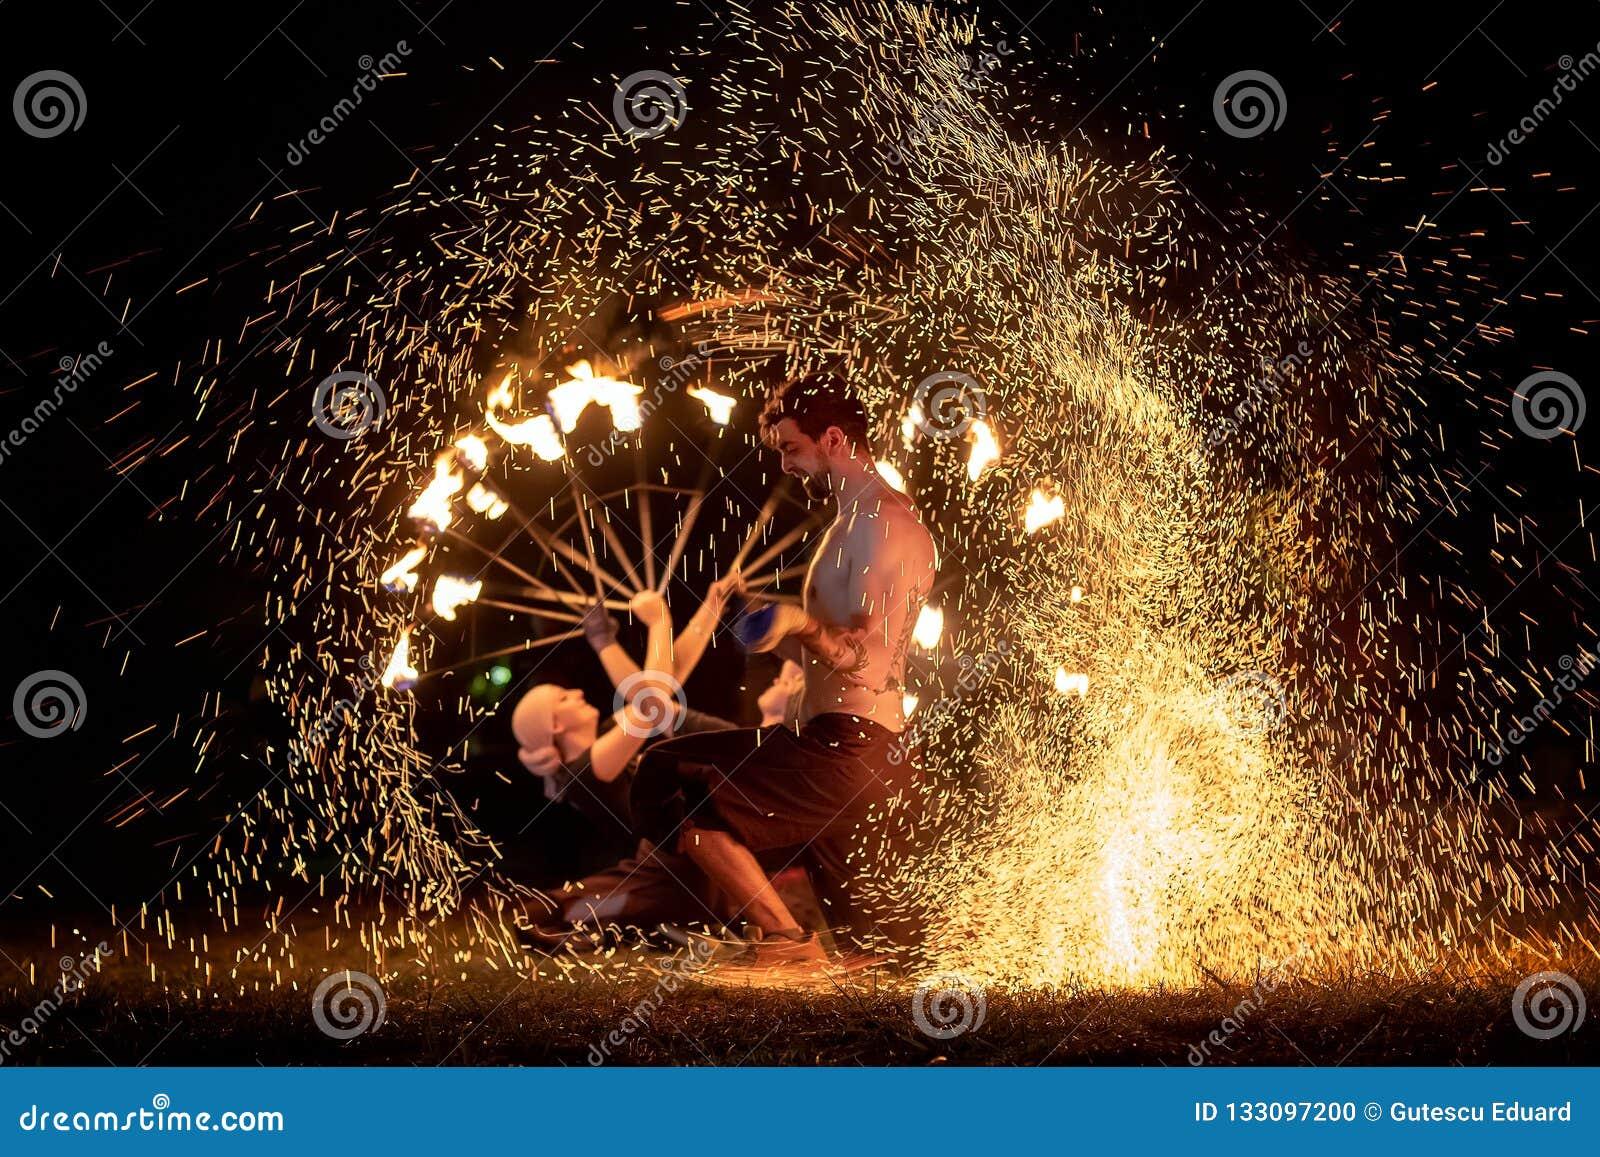 Transylvania średniowieczny festiwal w Rumunia, plucie, płomienia miotacz, Pożarnicza odsapka